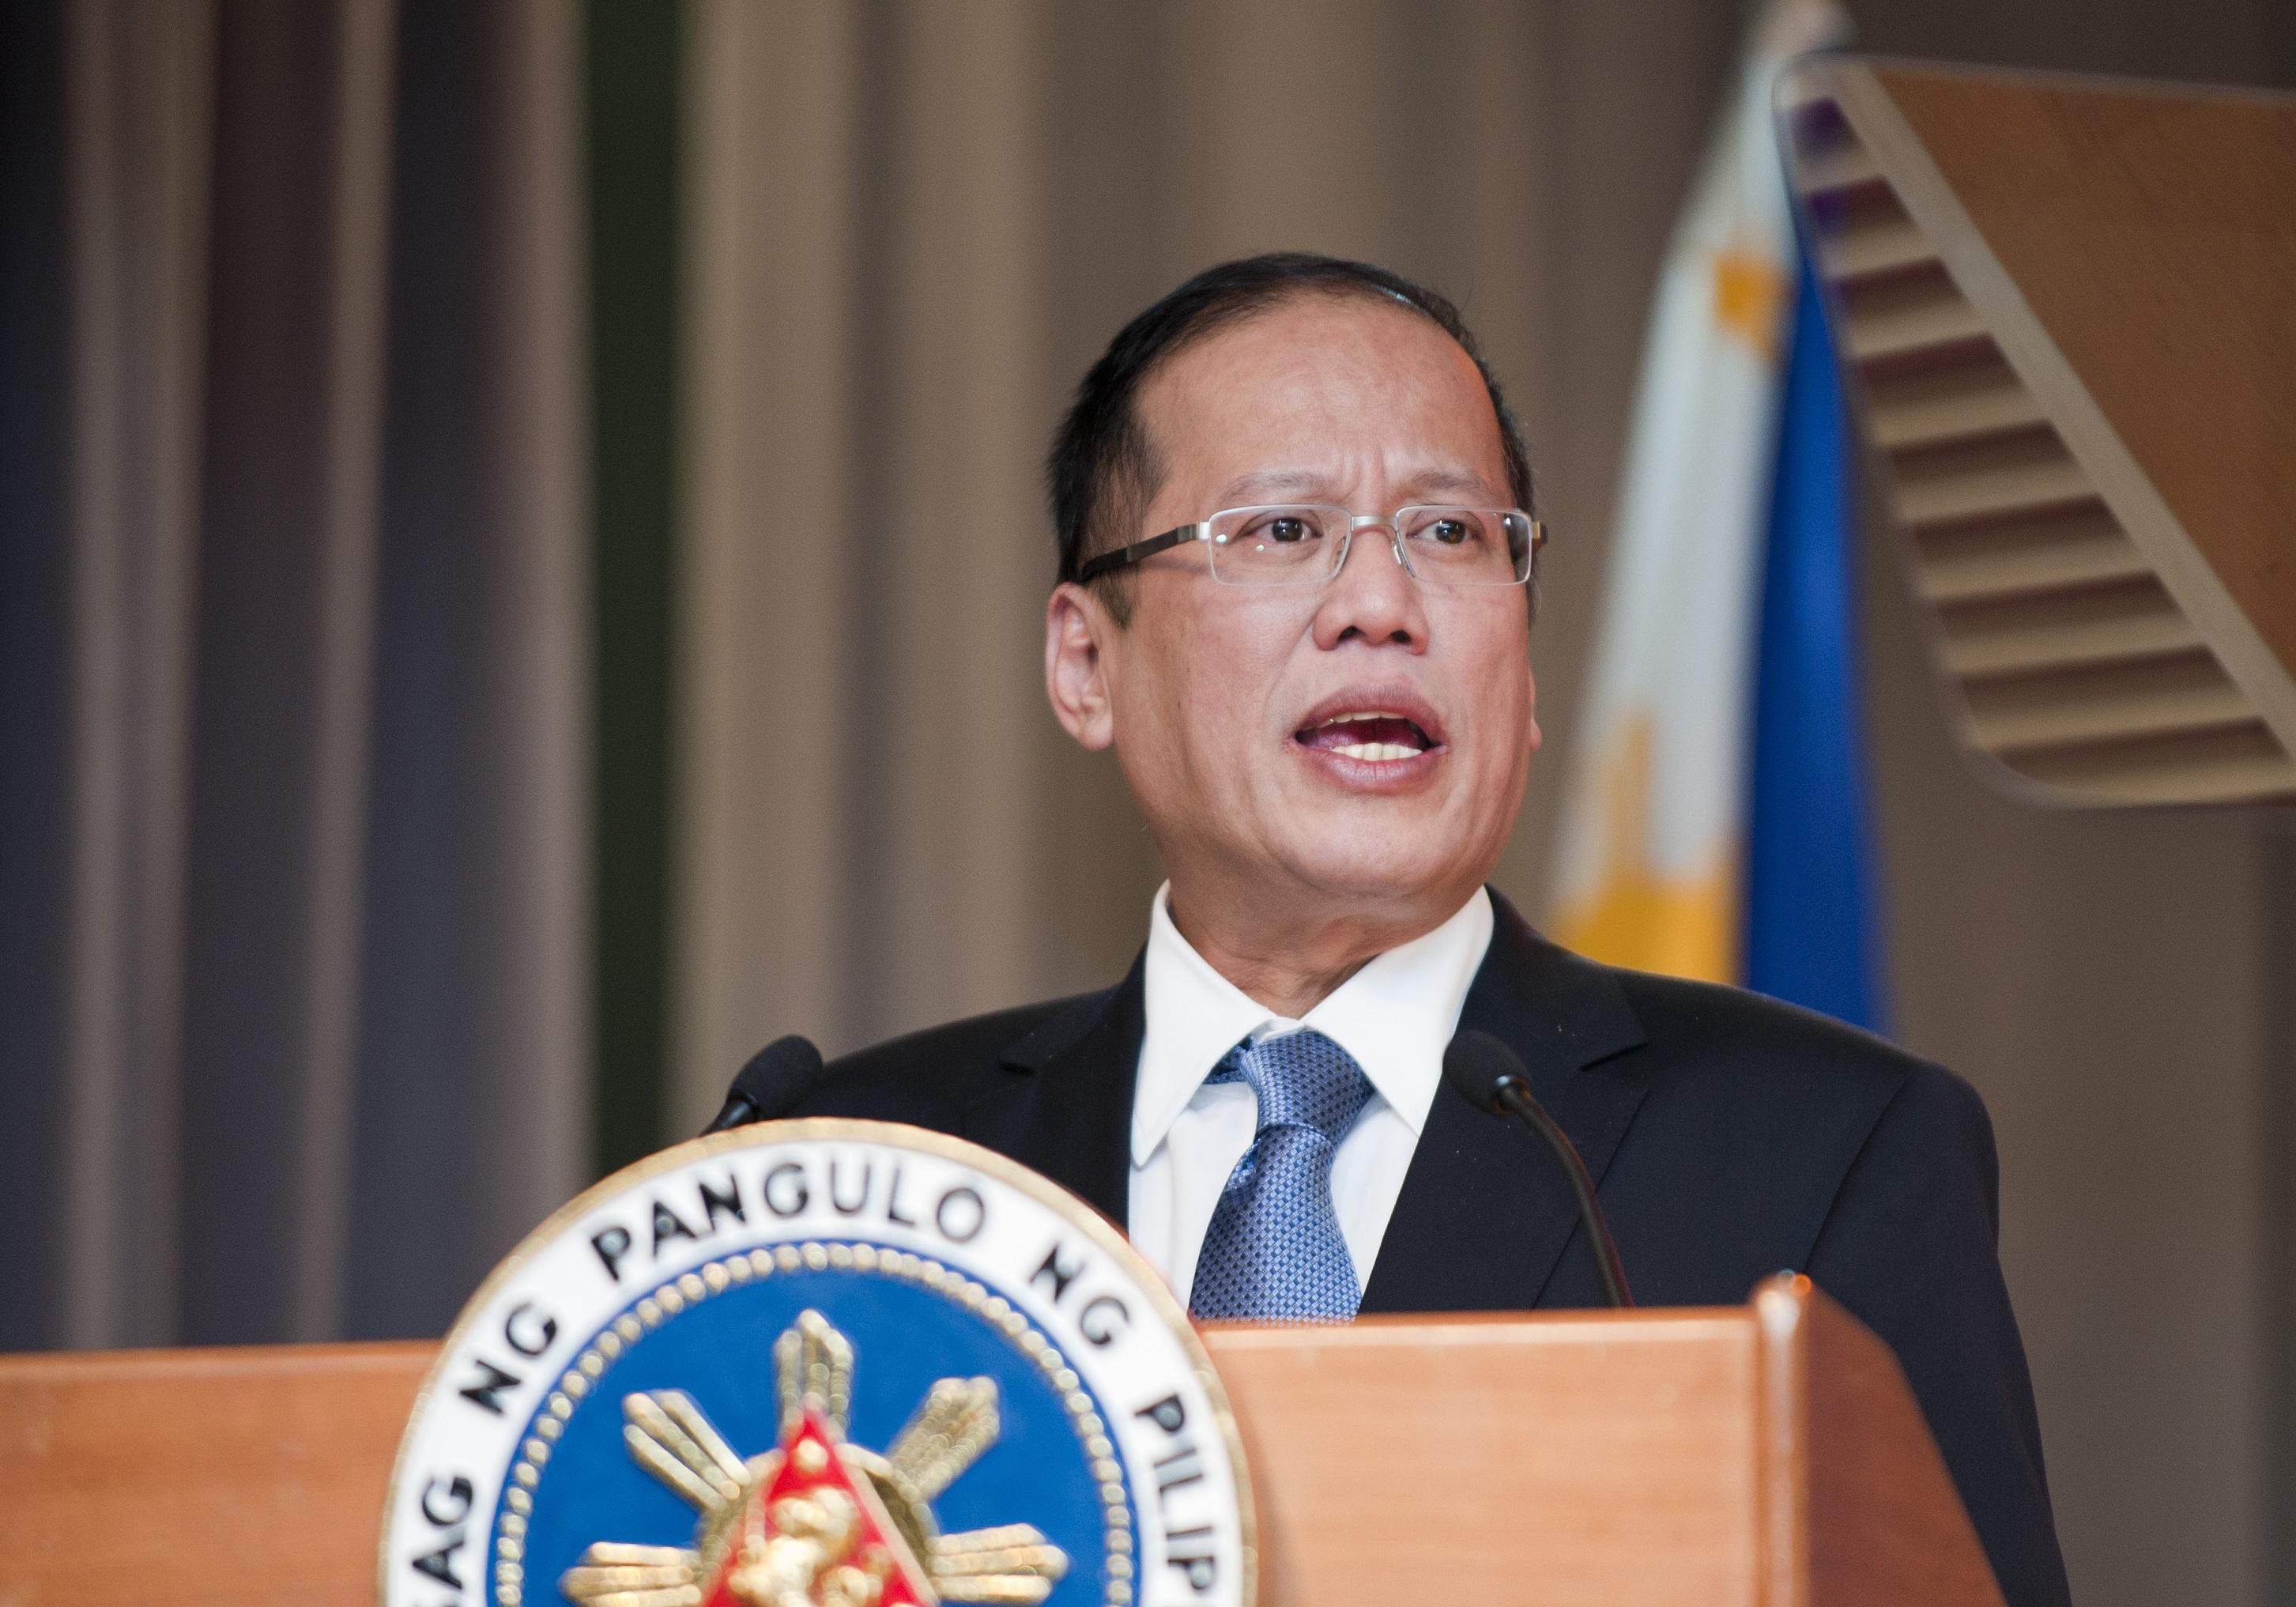 Benigno Aquino, presidente delle Filippine